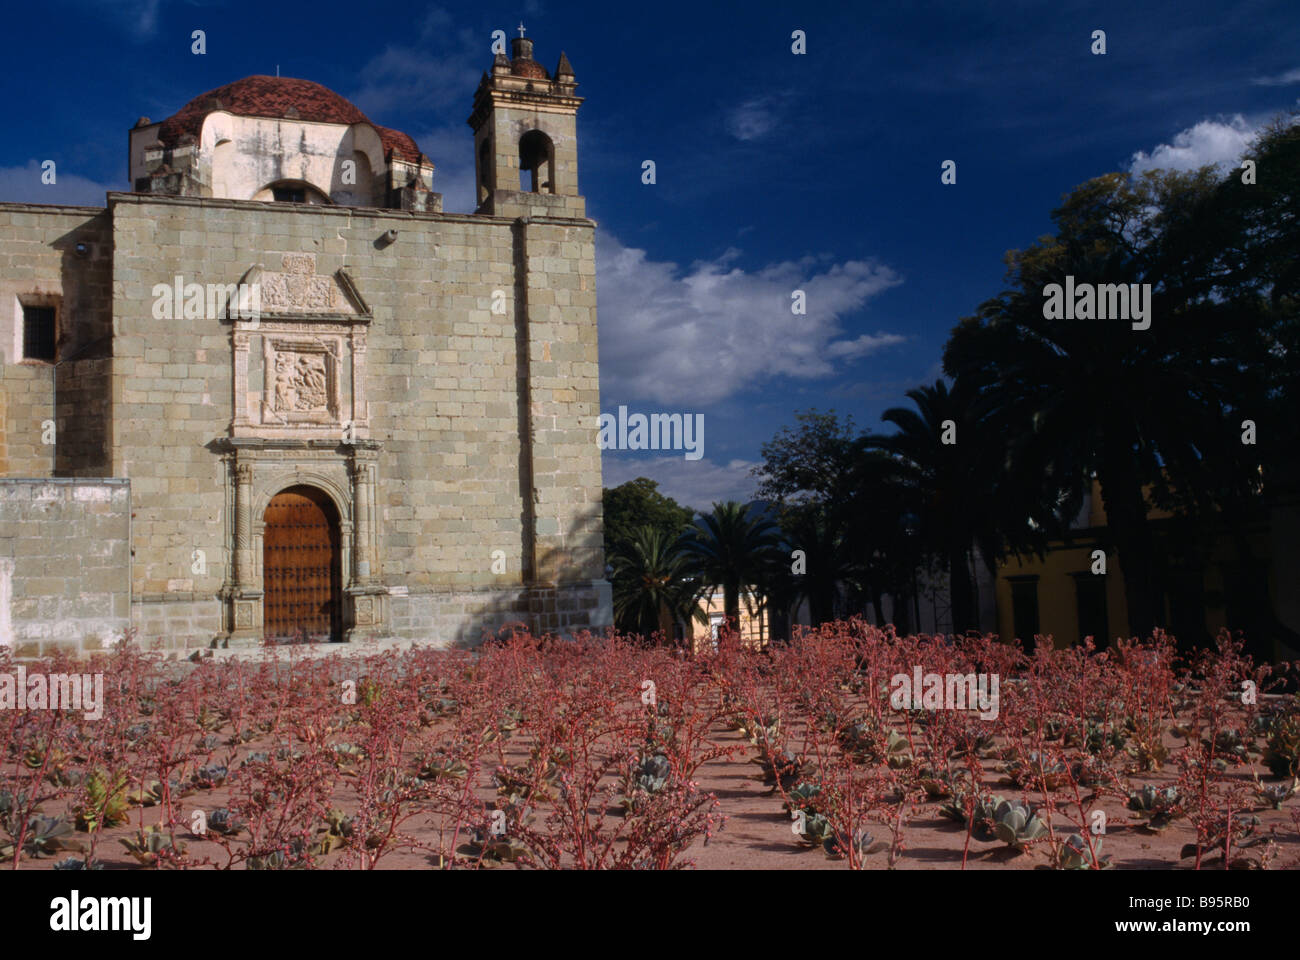 MEXICO Oaxaca Exterior facade of sixteenth century Santo Domingo church. - Stock Image